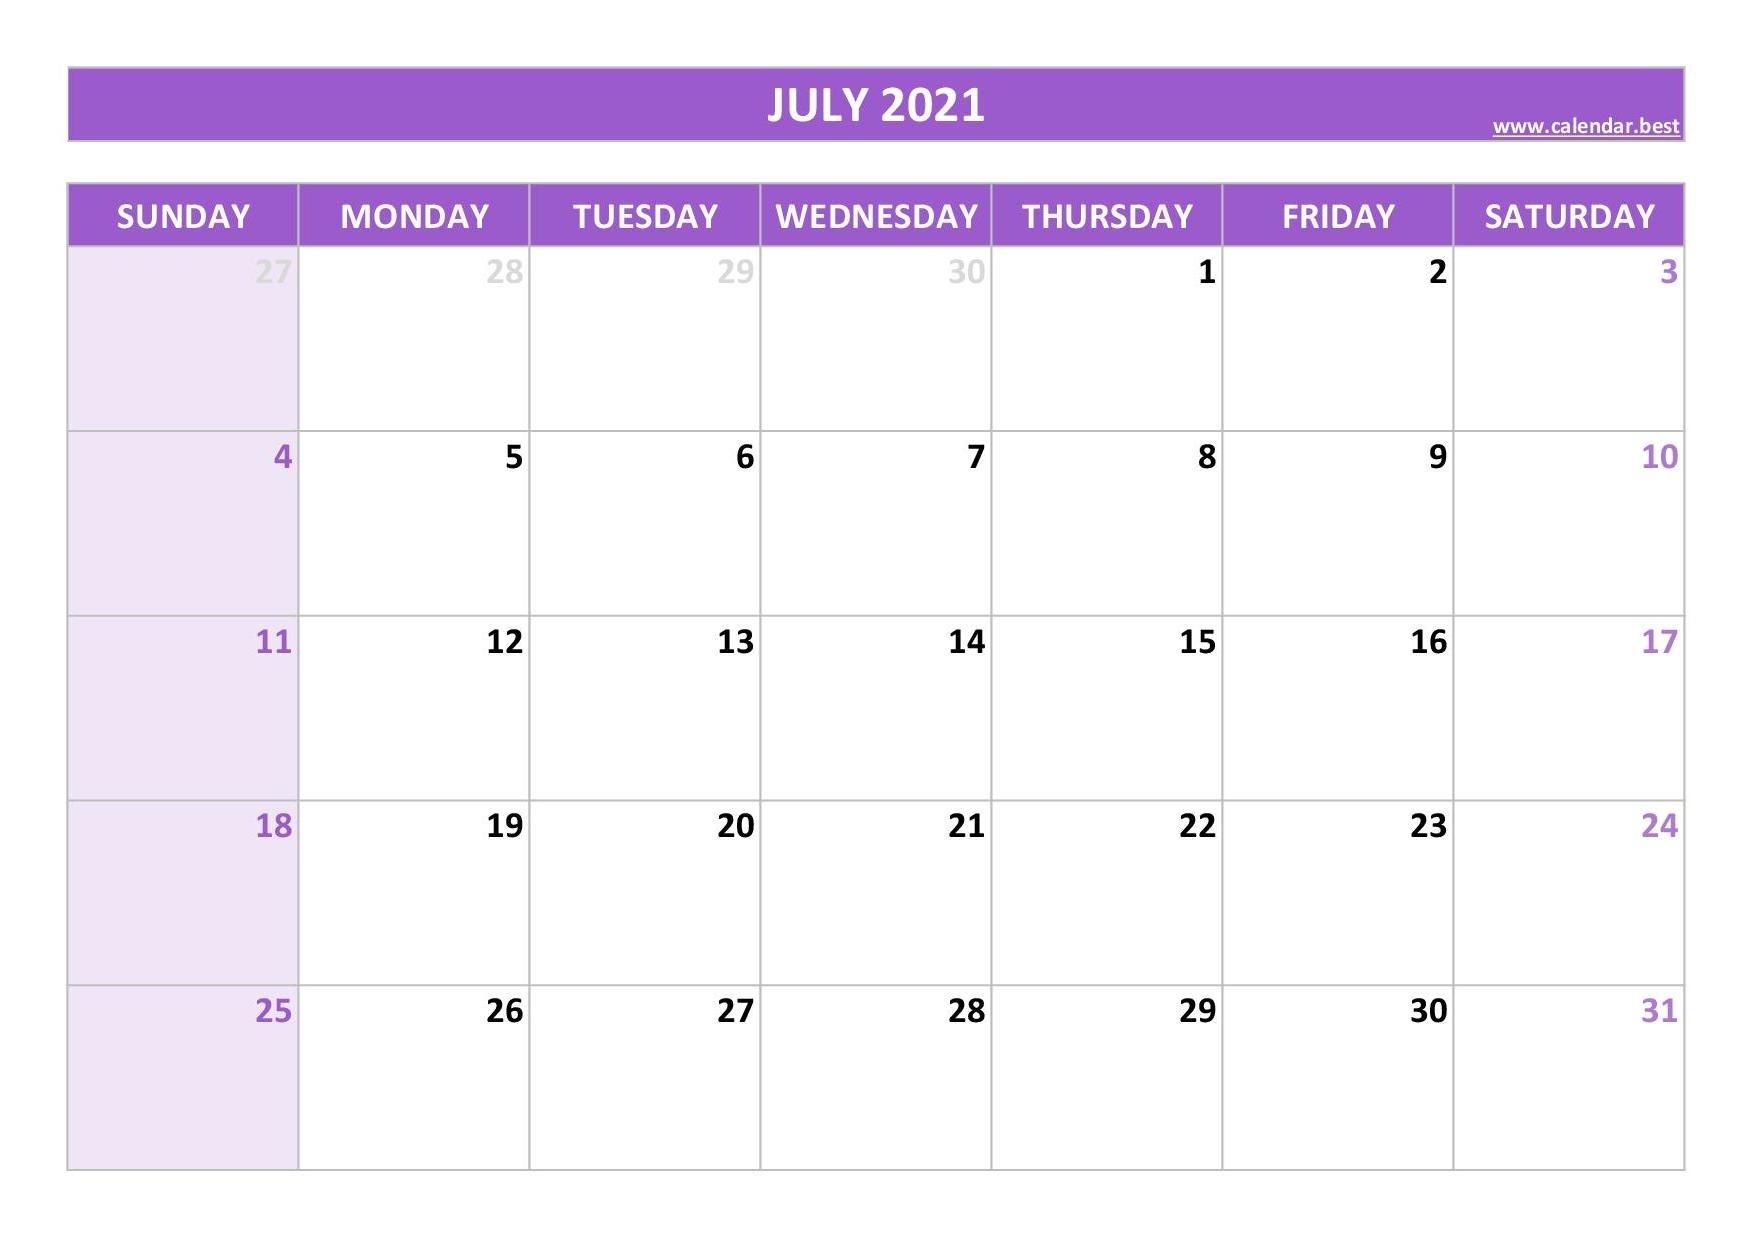 July 2021 Calendar -Calendar.best Month Of July 2021 Calendar